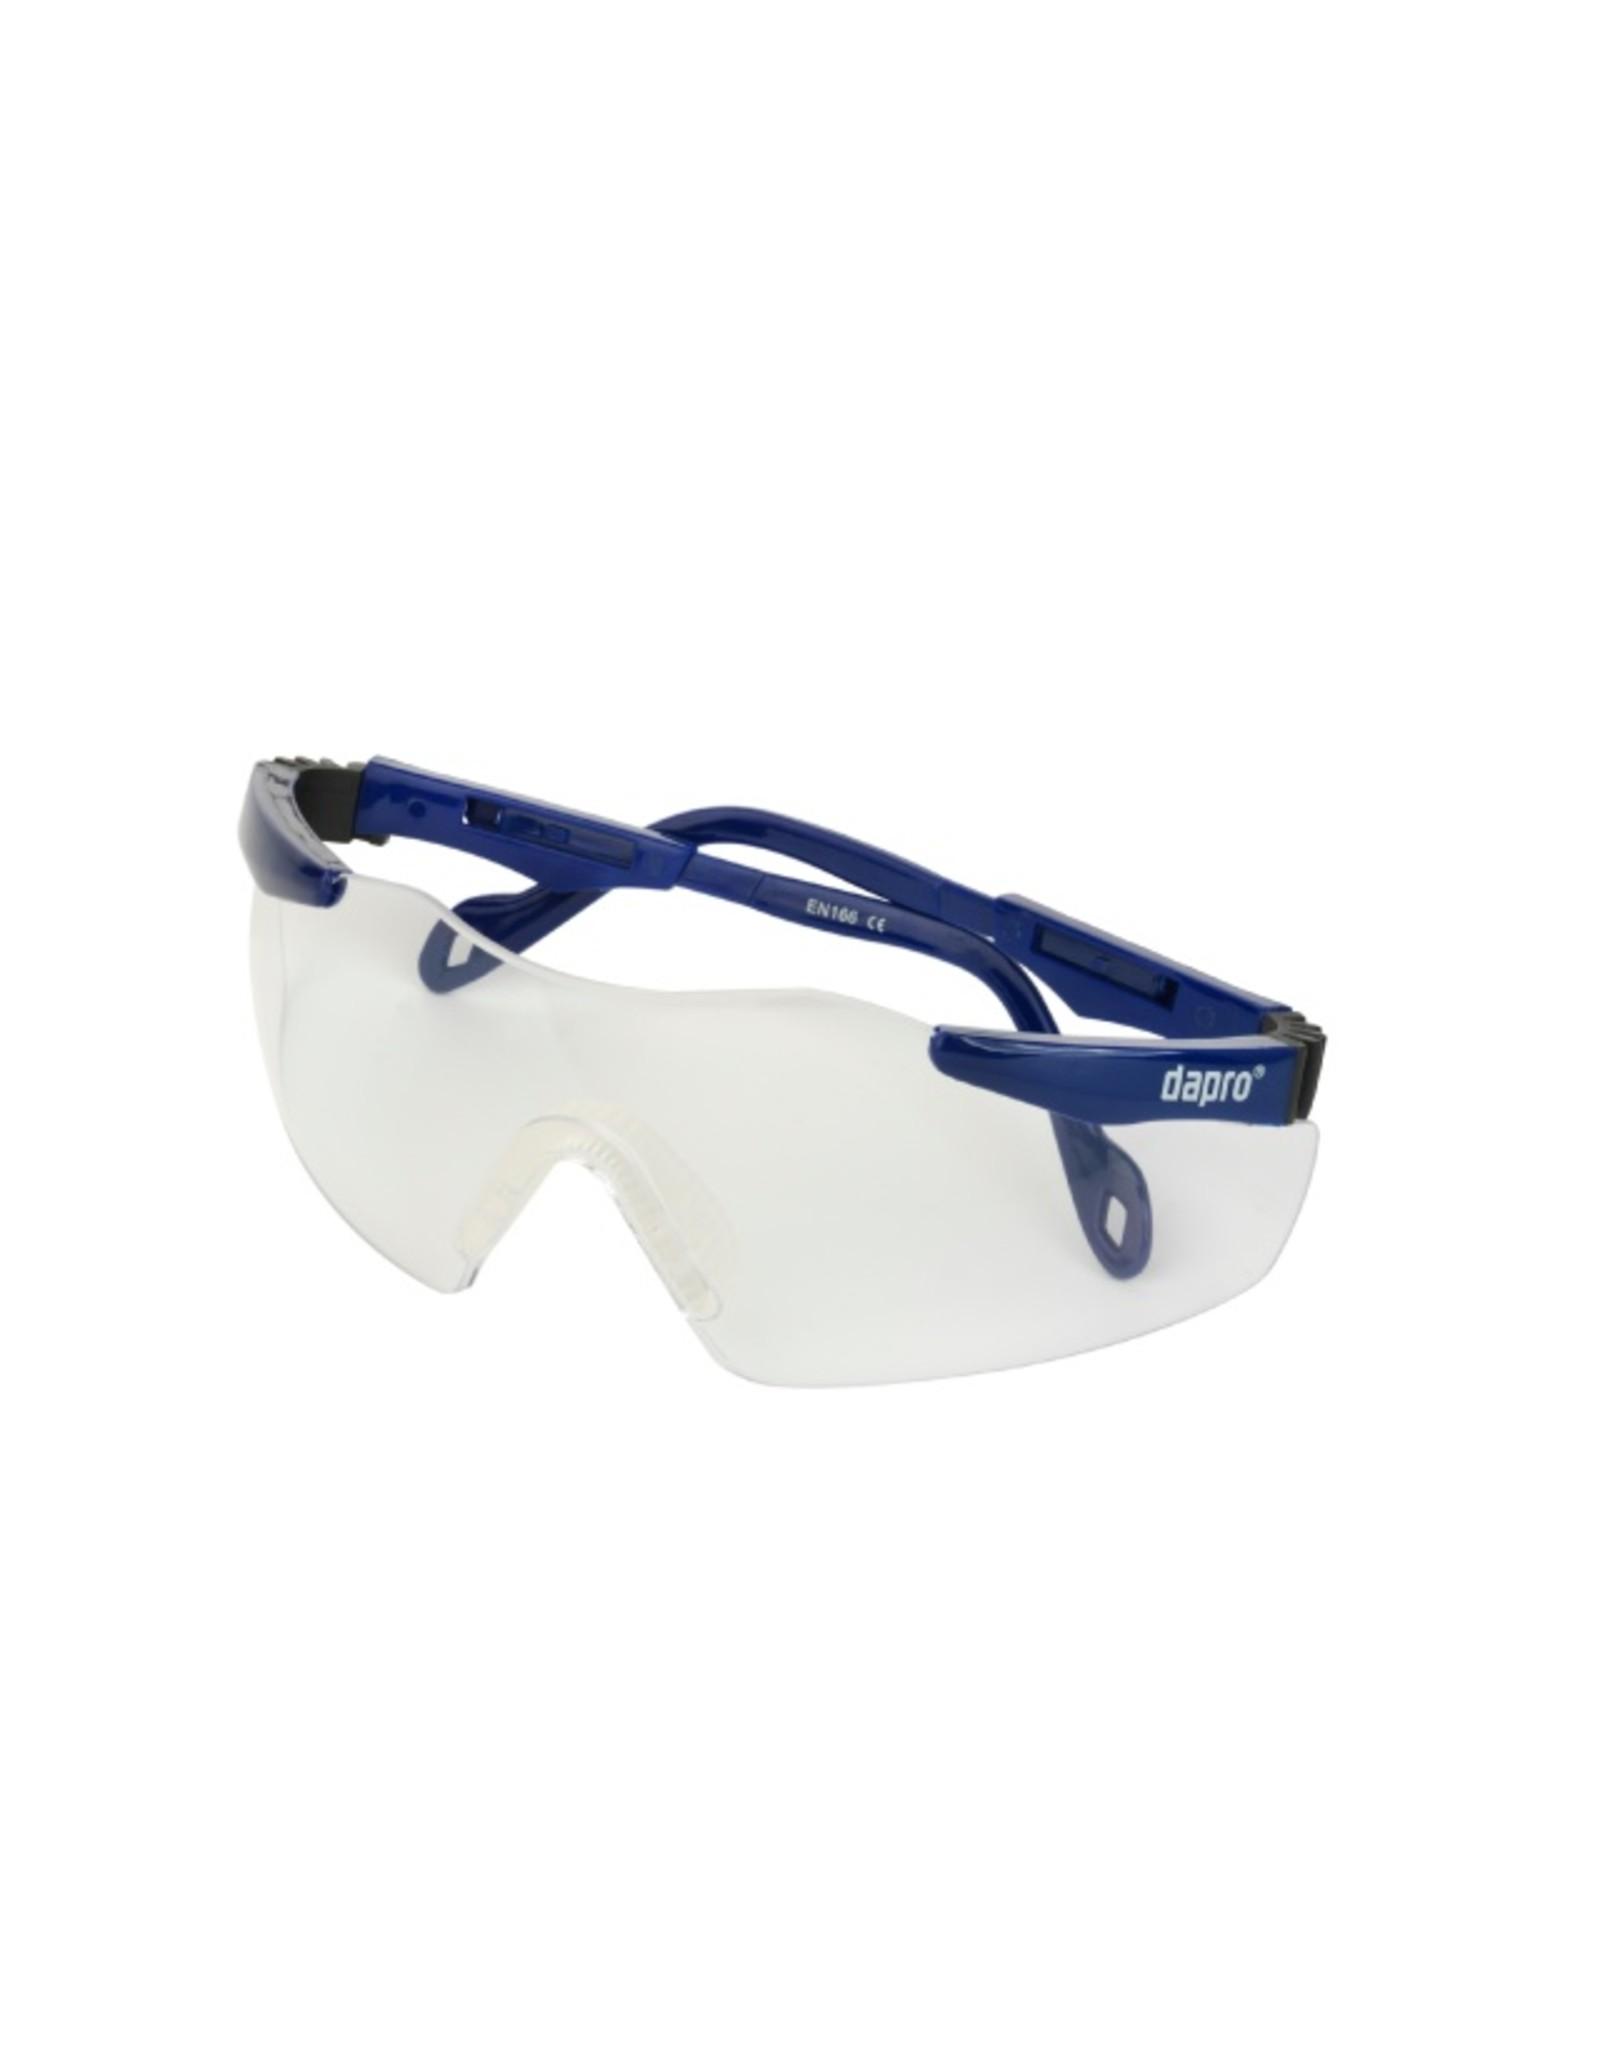 Dapro Veiligheidsbril Iris